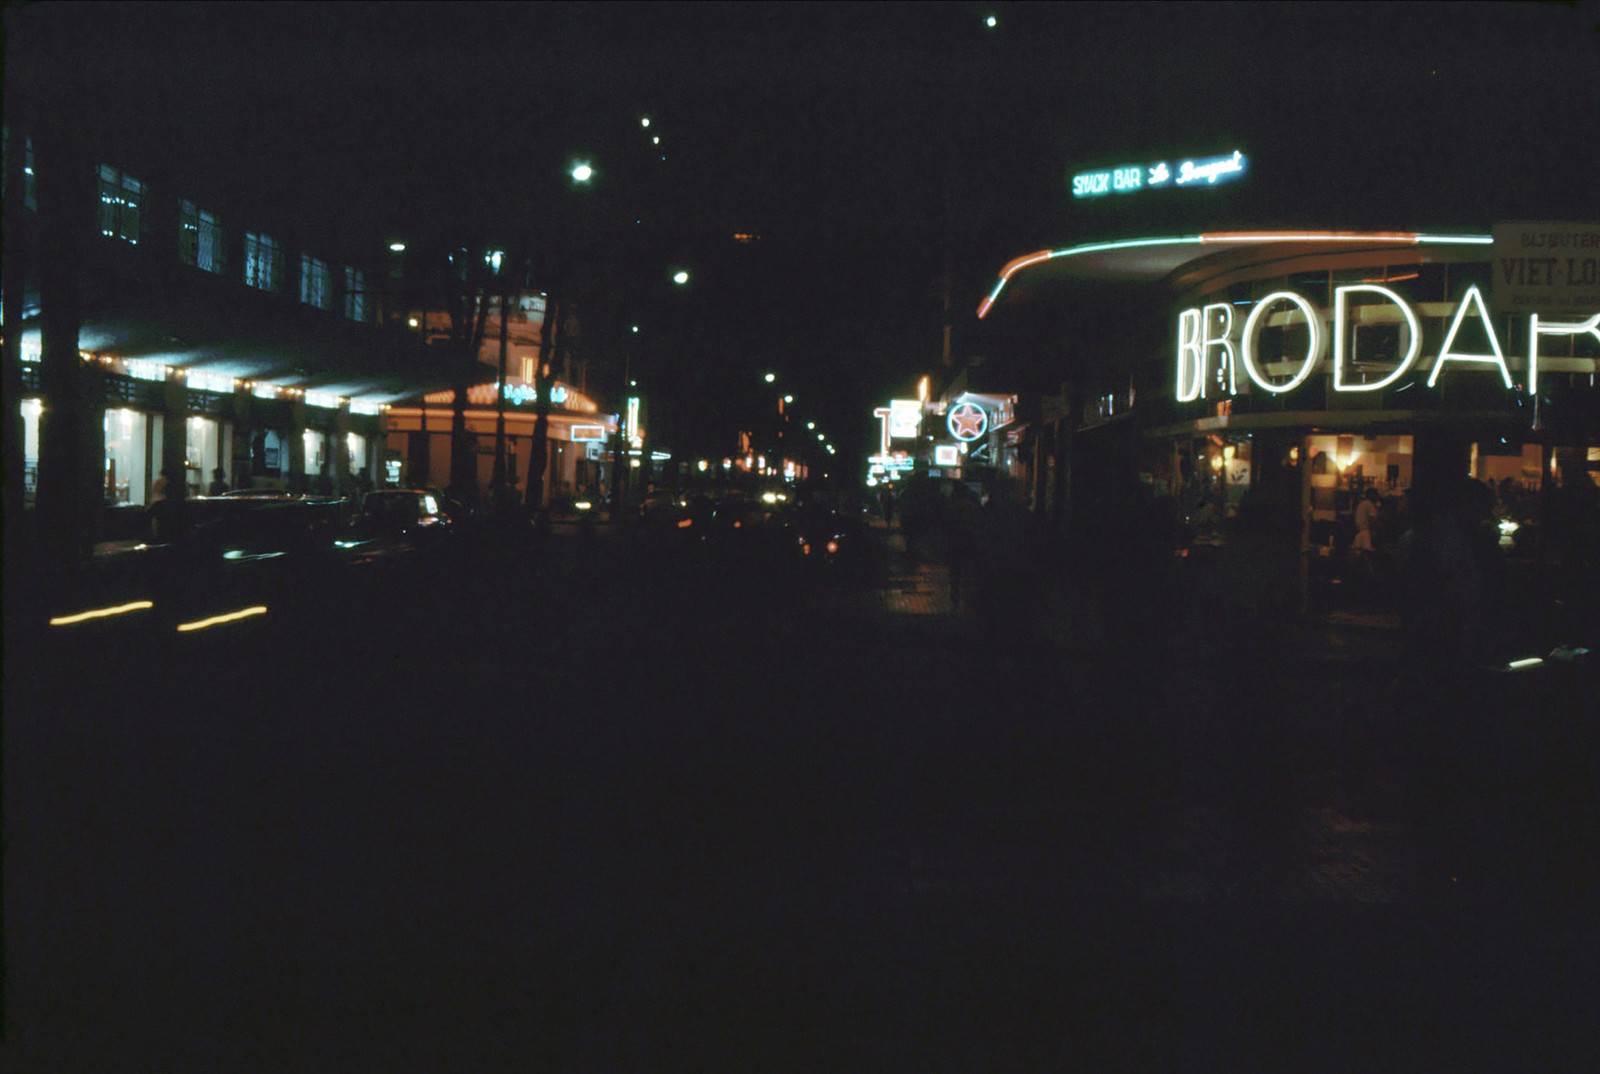 Cafe BRODARD về đêm, góc ngã ba Tư Do-Nguyễn Thiệp - Photo by Ken